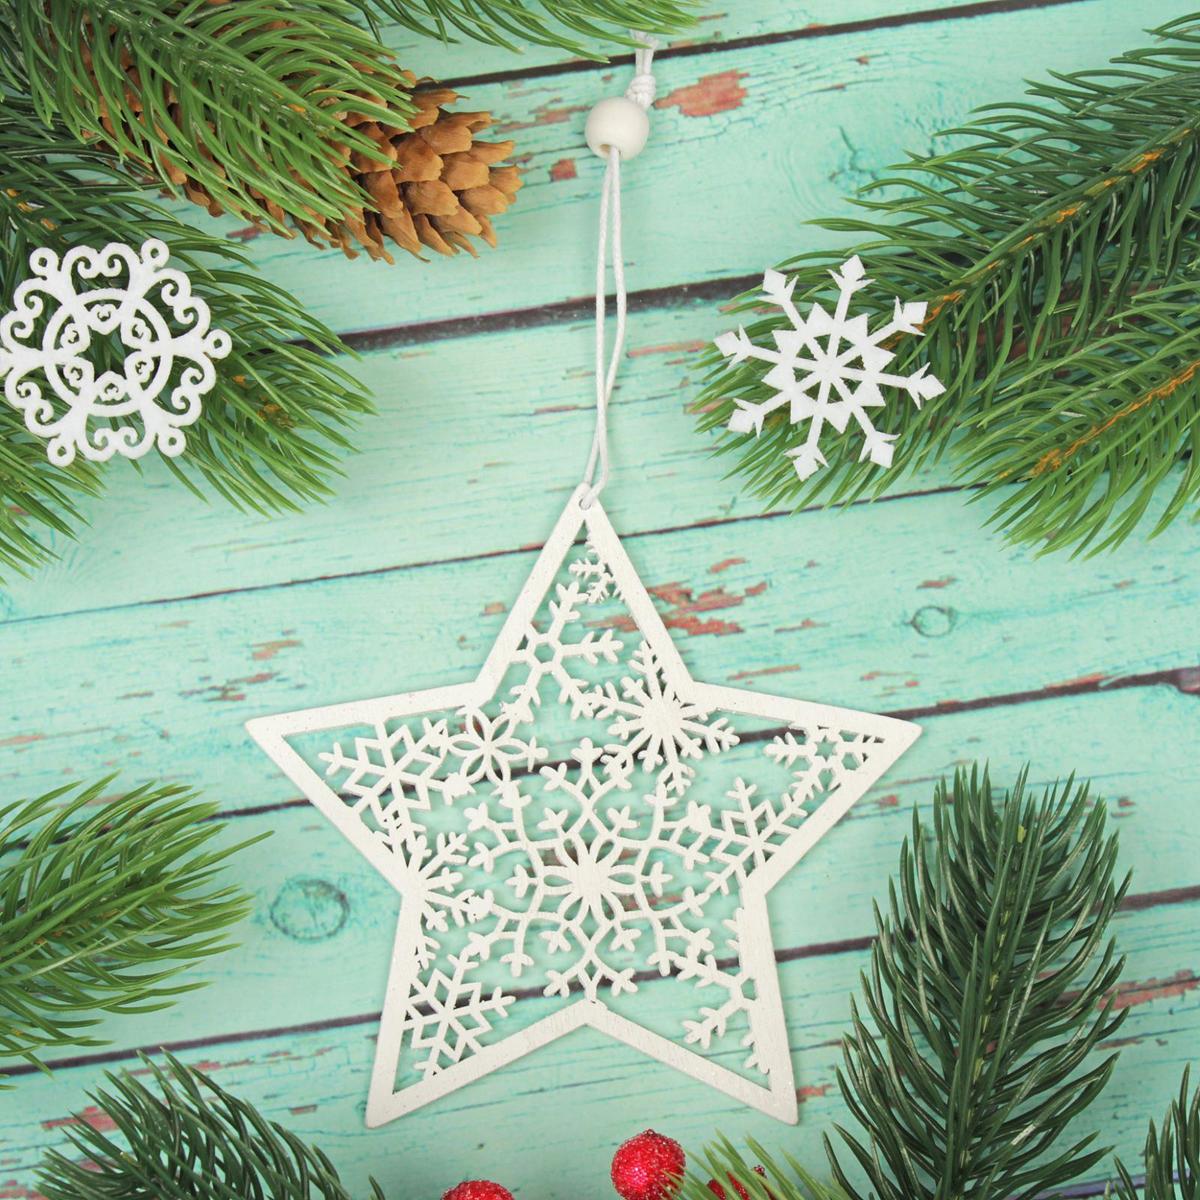 Украшение новогоднее подвесное Звезда в блестках2303461Новогоднее украшение, выполненное из дерева, отлично подойдет для декорации вашего дома и новогодней ели. С помощью специальной петельки украшение можно повесить в любом понравившемся вам месте. Но, конечно, удачнее всего оно будет смотреться на праздничной елке.Елочная игрушка - символ Нового года. Она несет в себе волшебство и красоту праздника. Такое украшение создаст в вашем доме атмосферу праздника, веселья и радости.